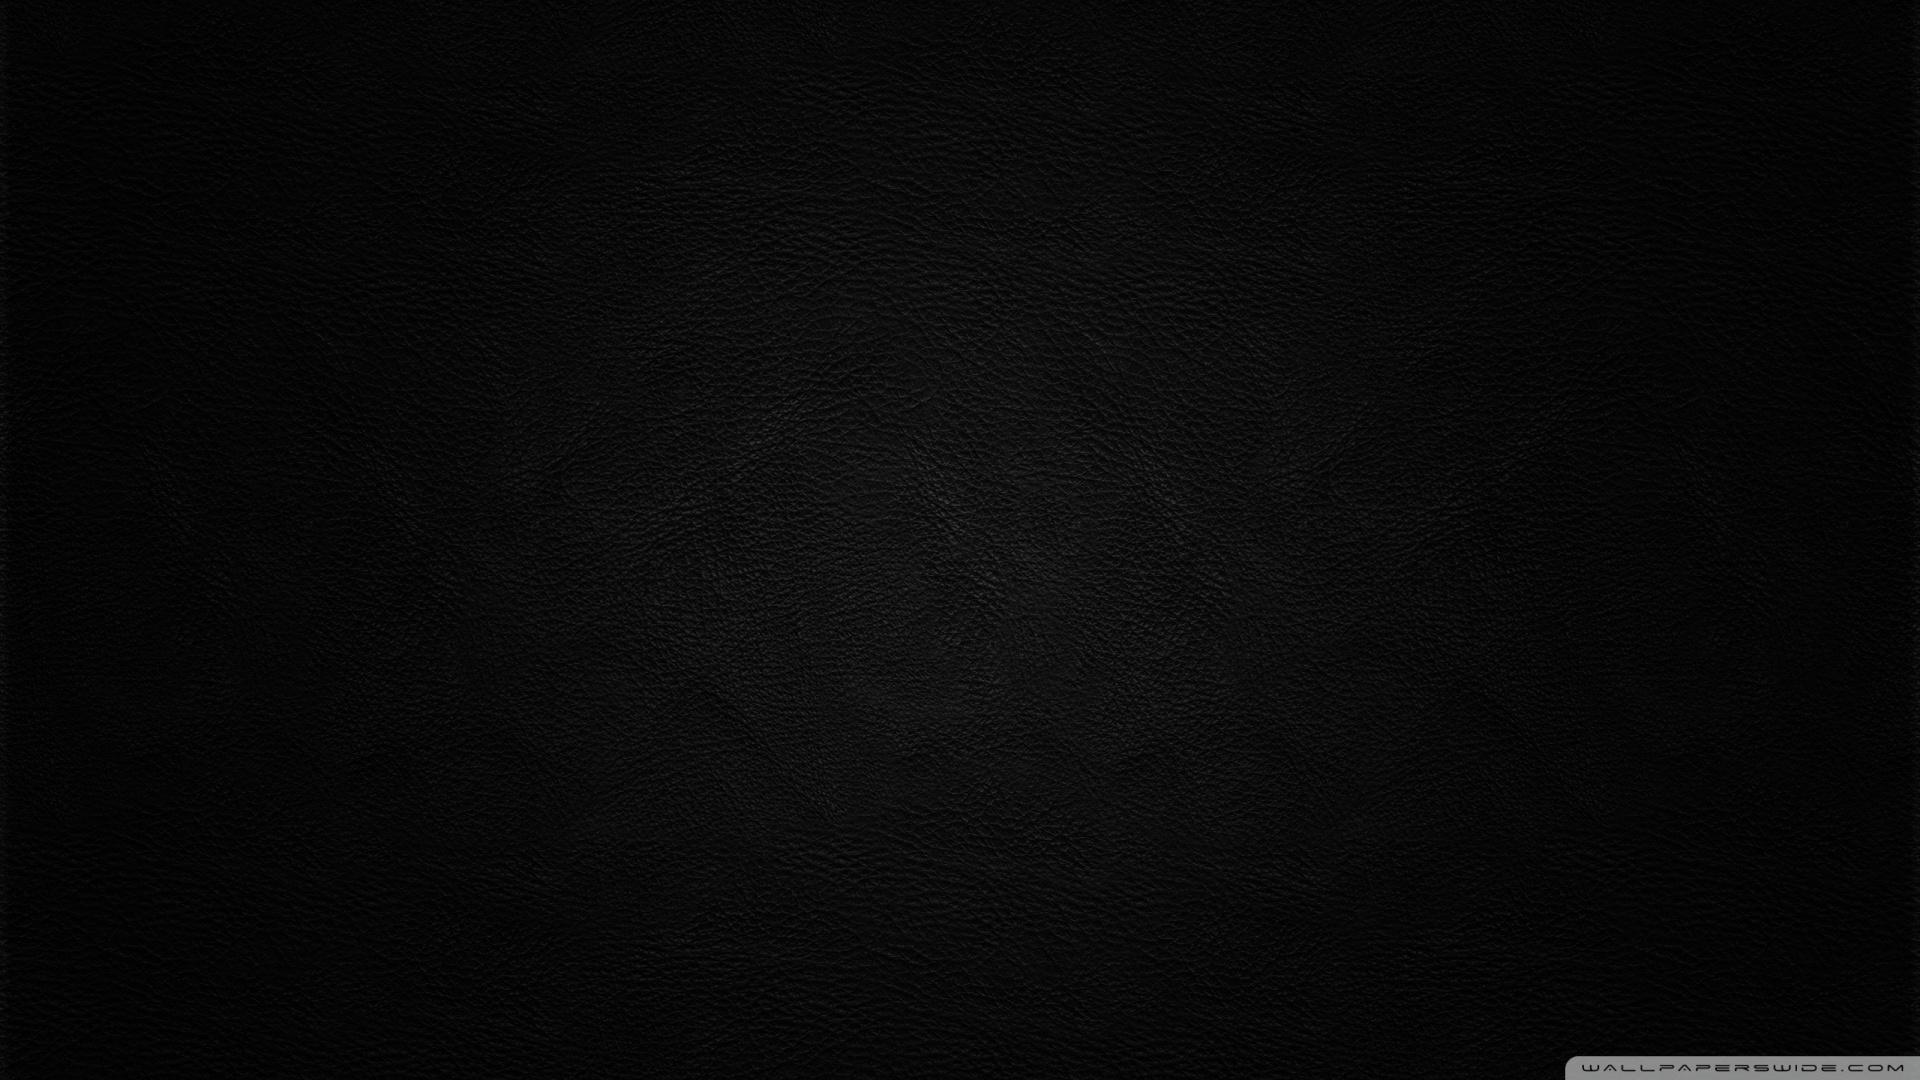 Dark Black Wallpapers Hd Group 1920x1080